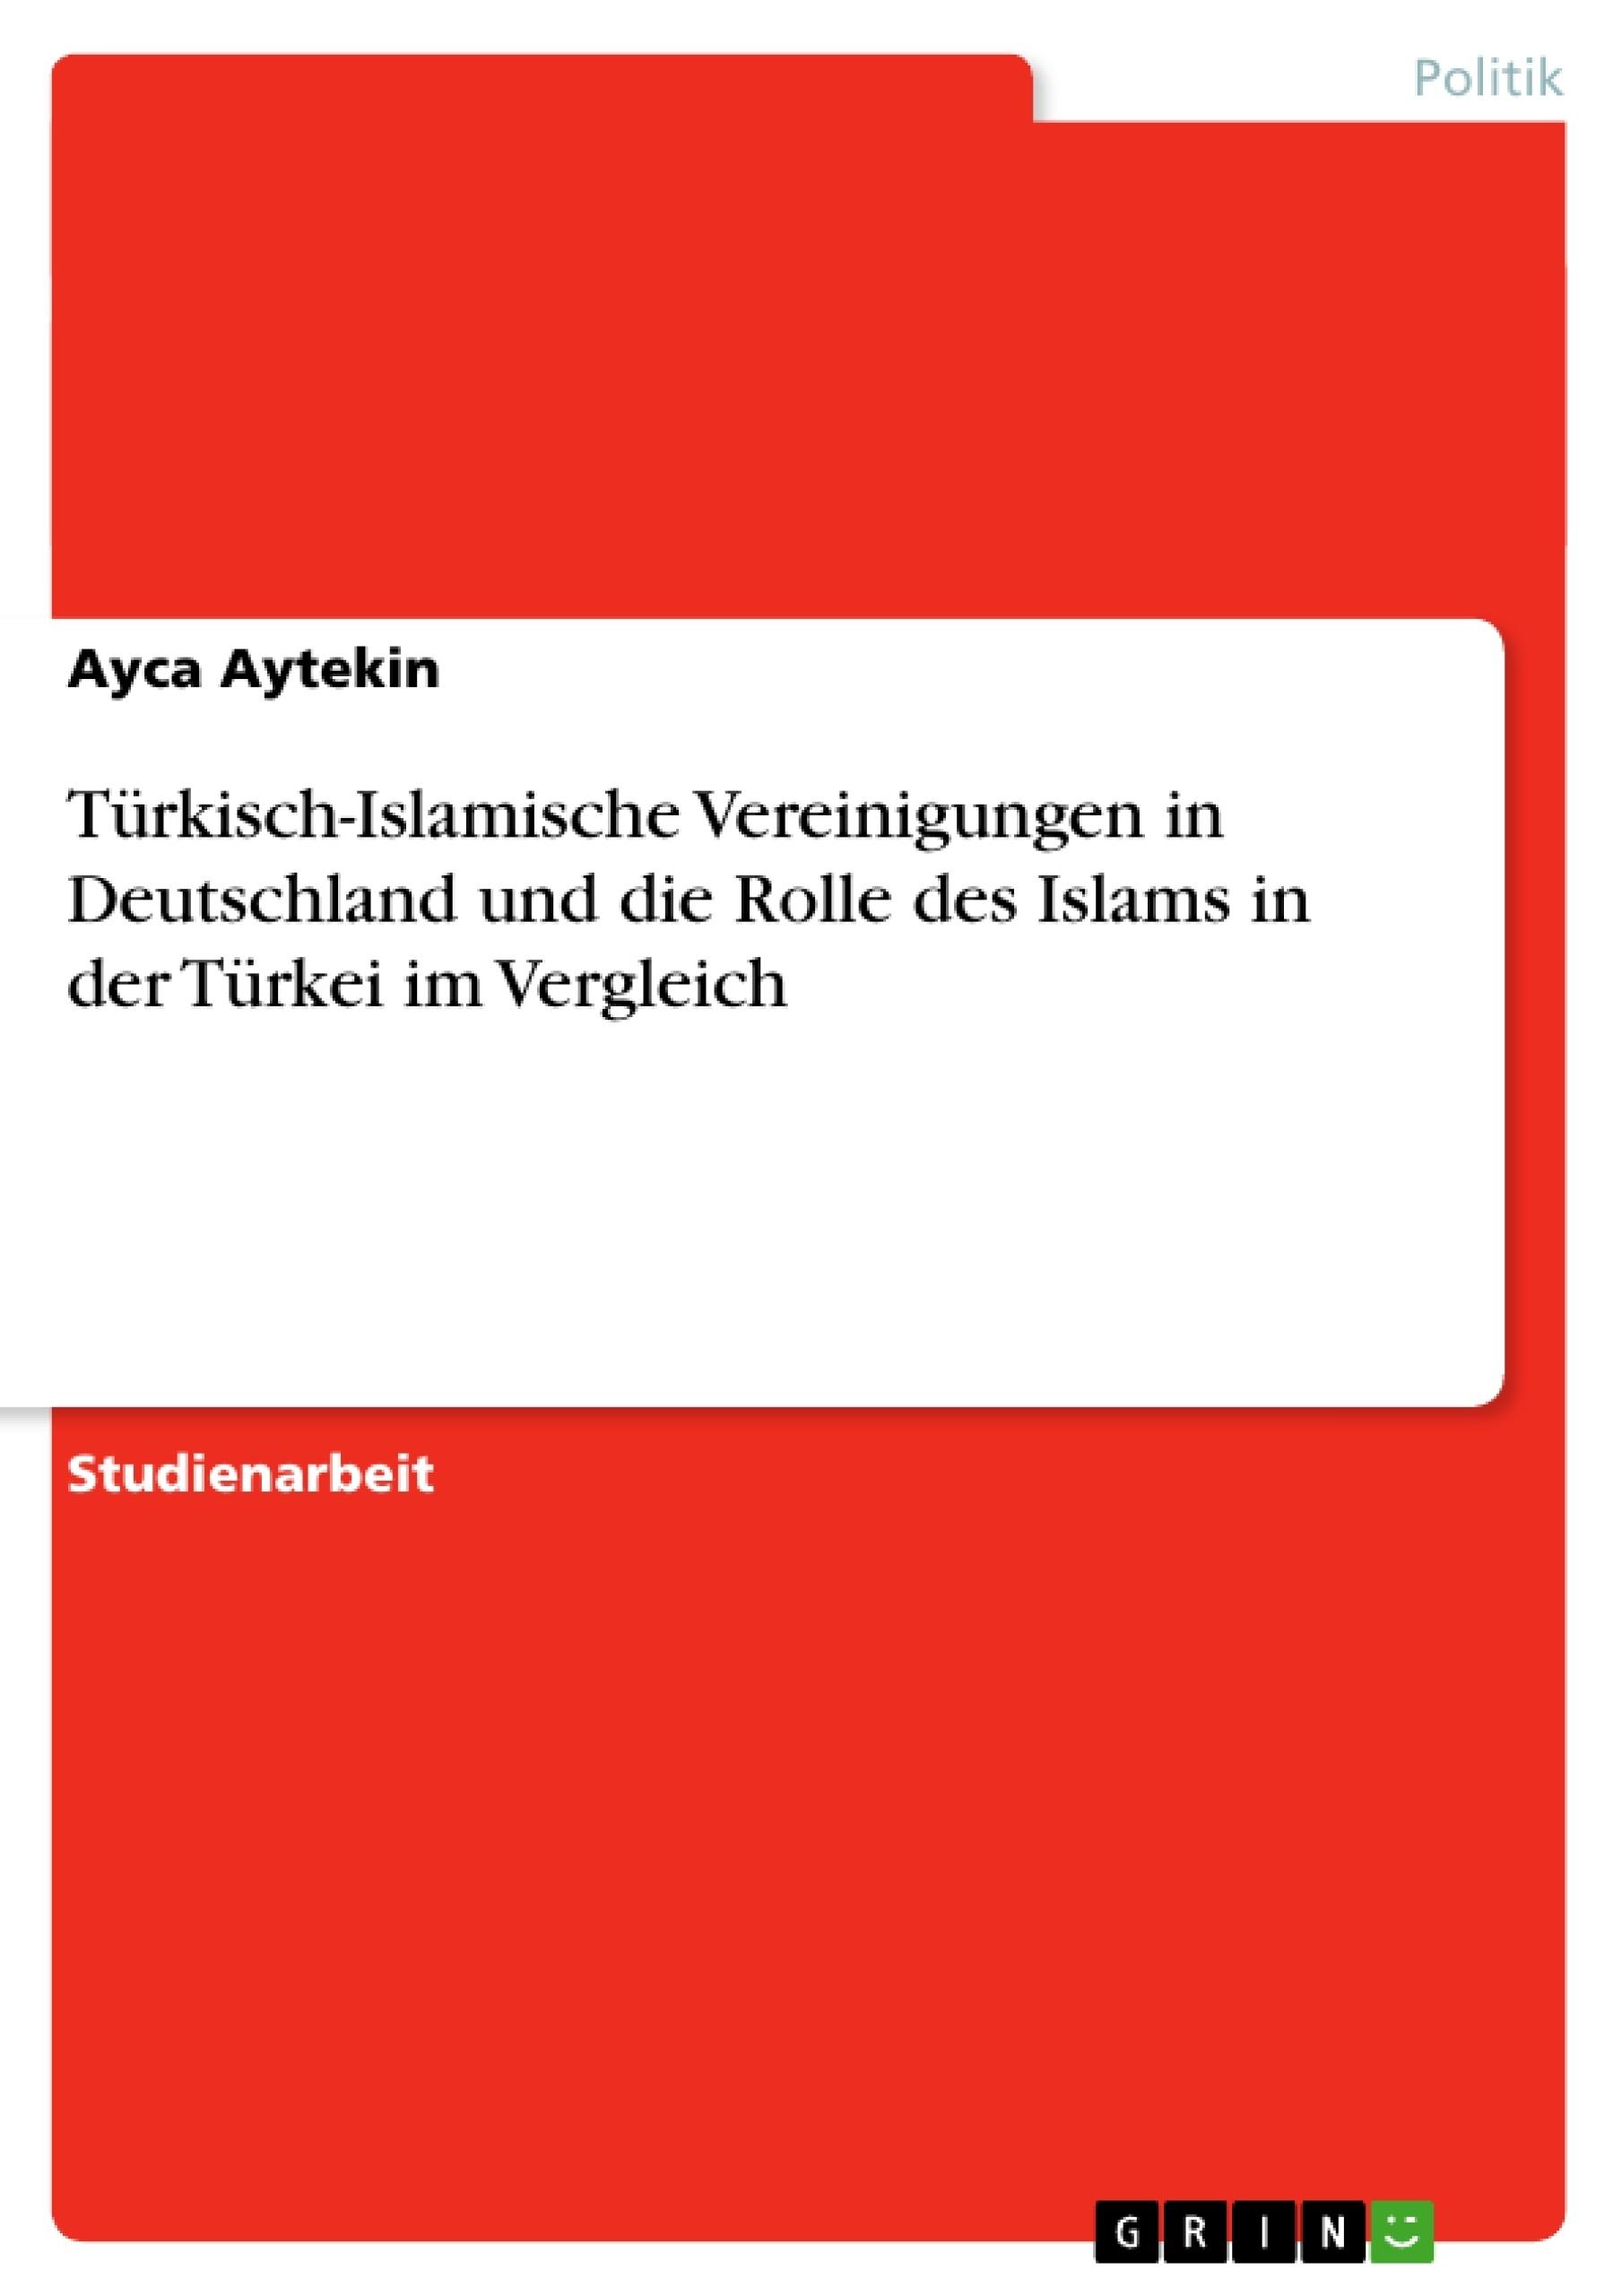 Titel: Türkisch-Islamische Vereinigungen in Deutschland und die Rolle des Islams in der Türkei im Vergleich